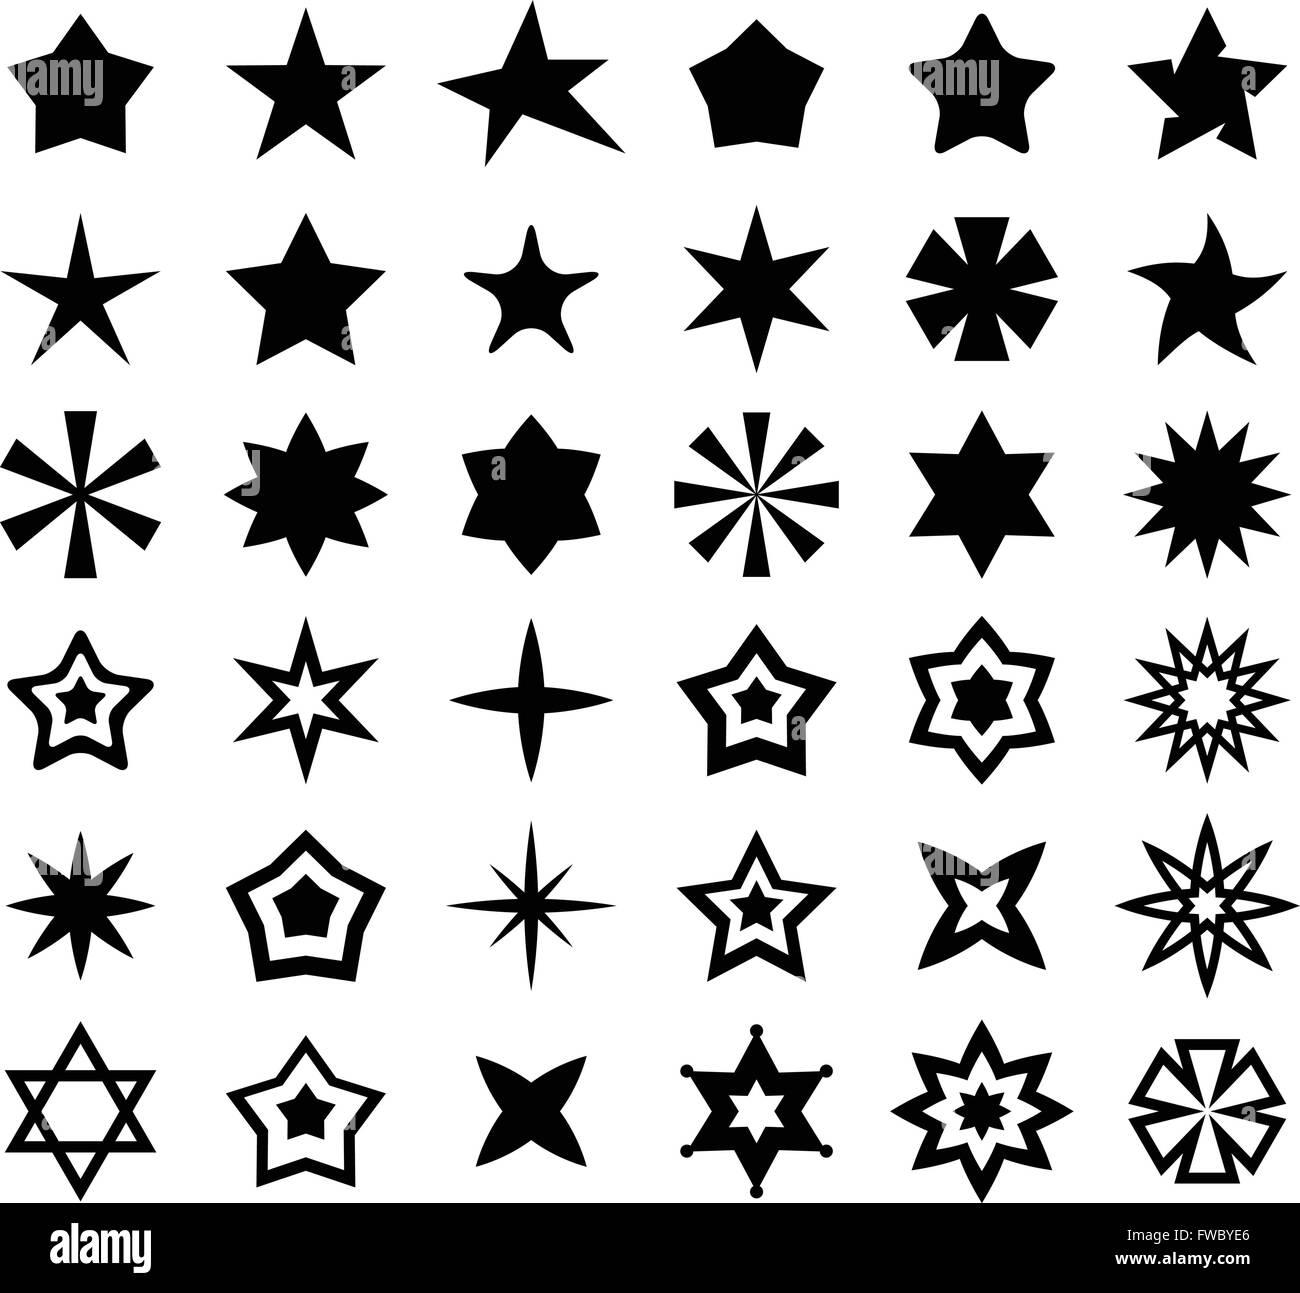 Segno della stella Immagini Stock